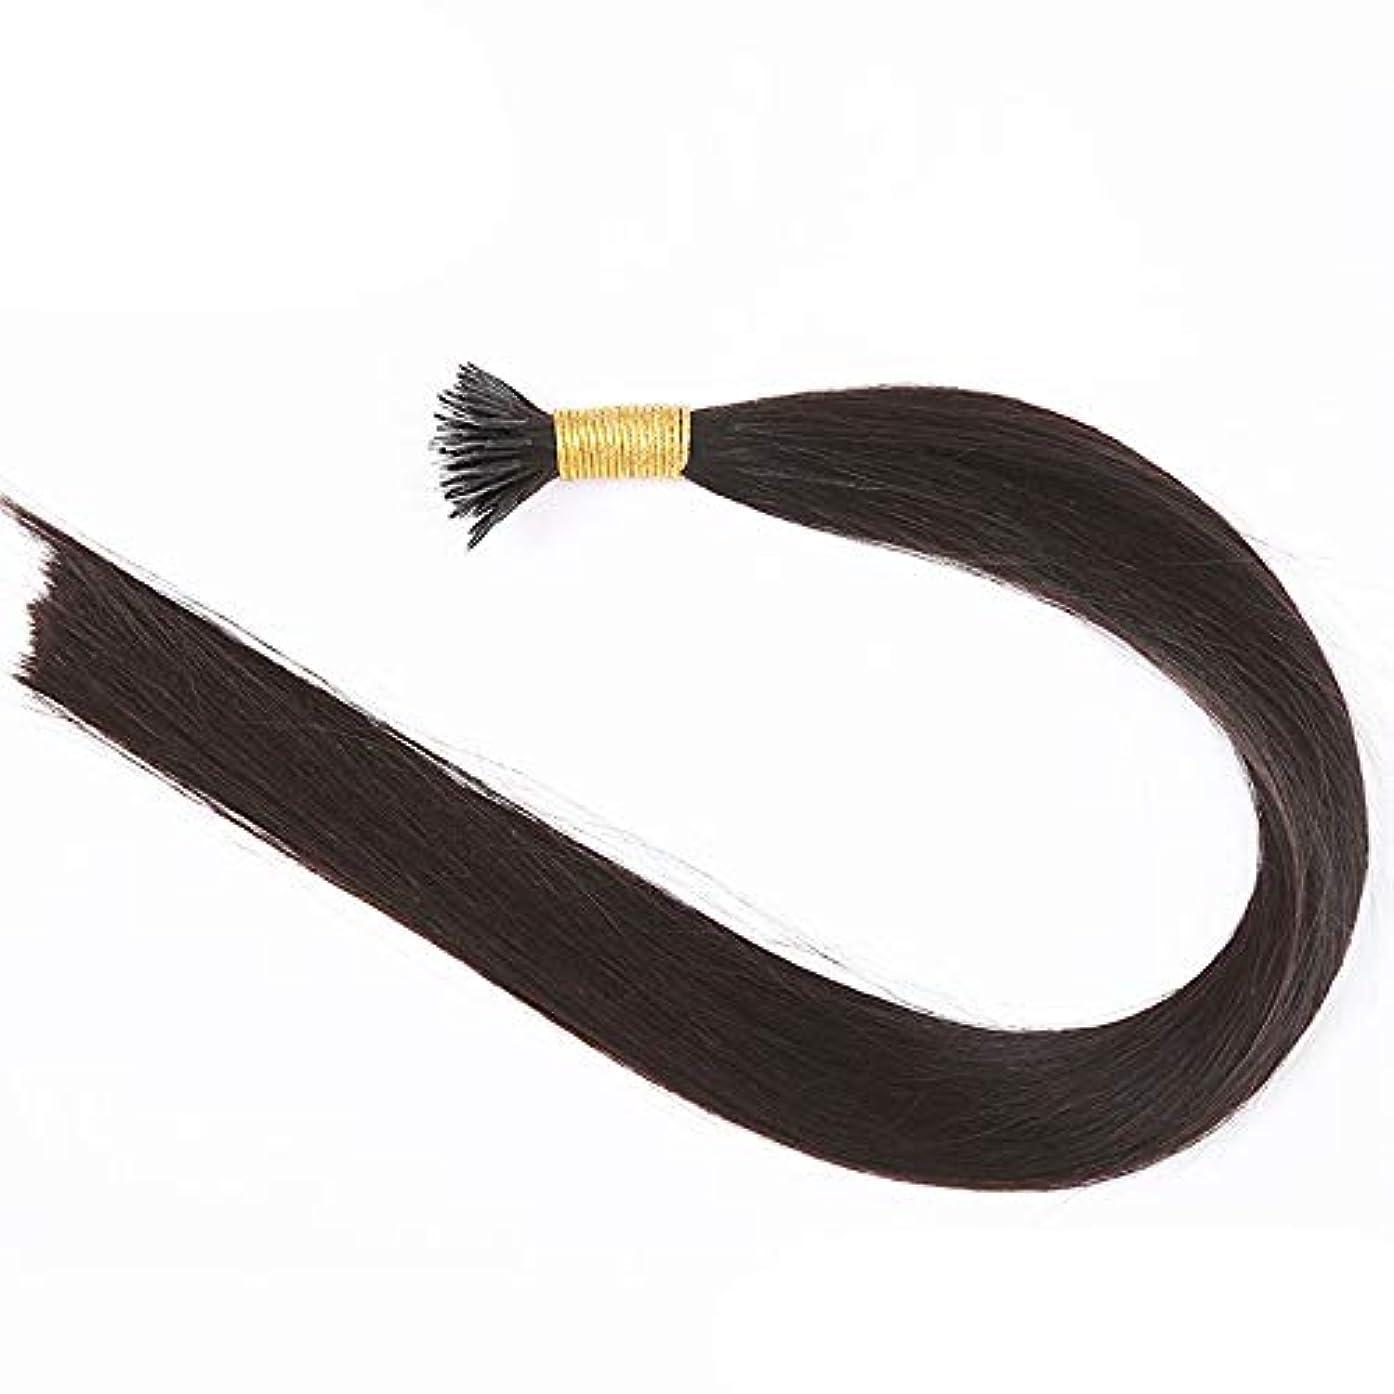 突然の煙原稿JULYTER レミーティップフュージョンアンボードヘアブラック実際のブラジルの毛髪ナノエクステンションナノチップヘアストランド50グラム (色 : 黒, サイズ : 40cm)